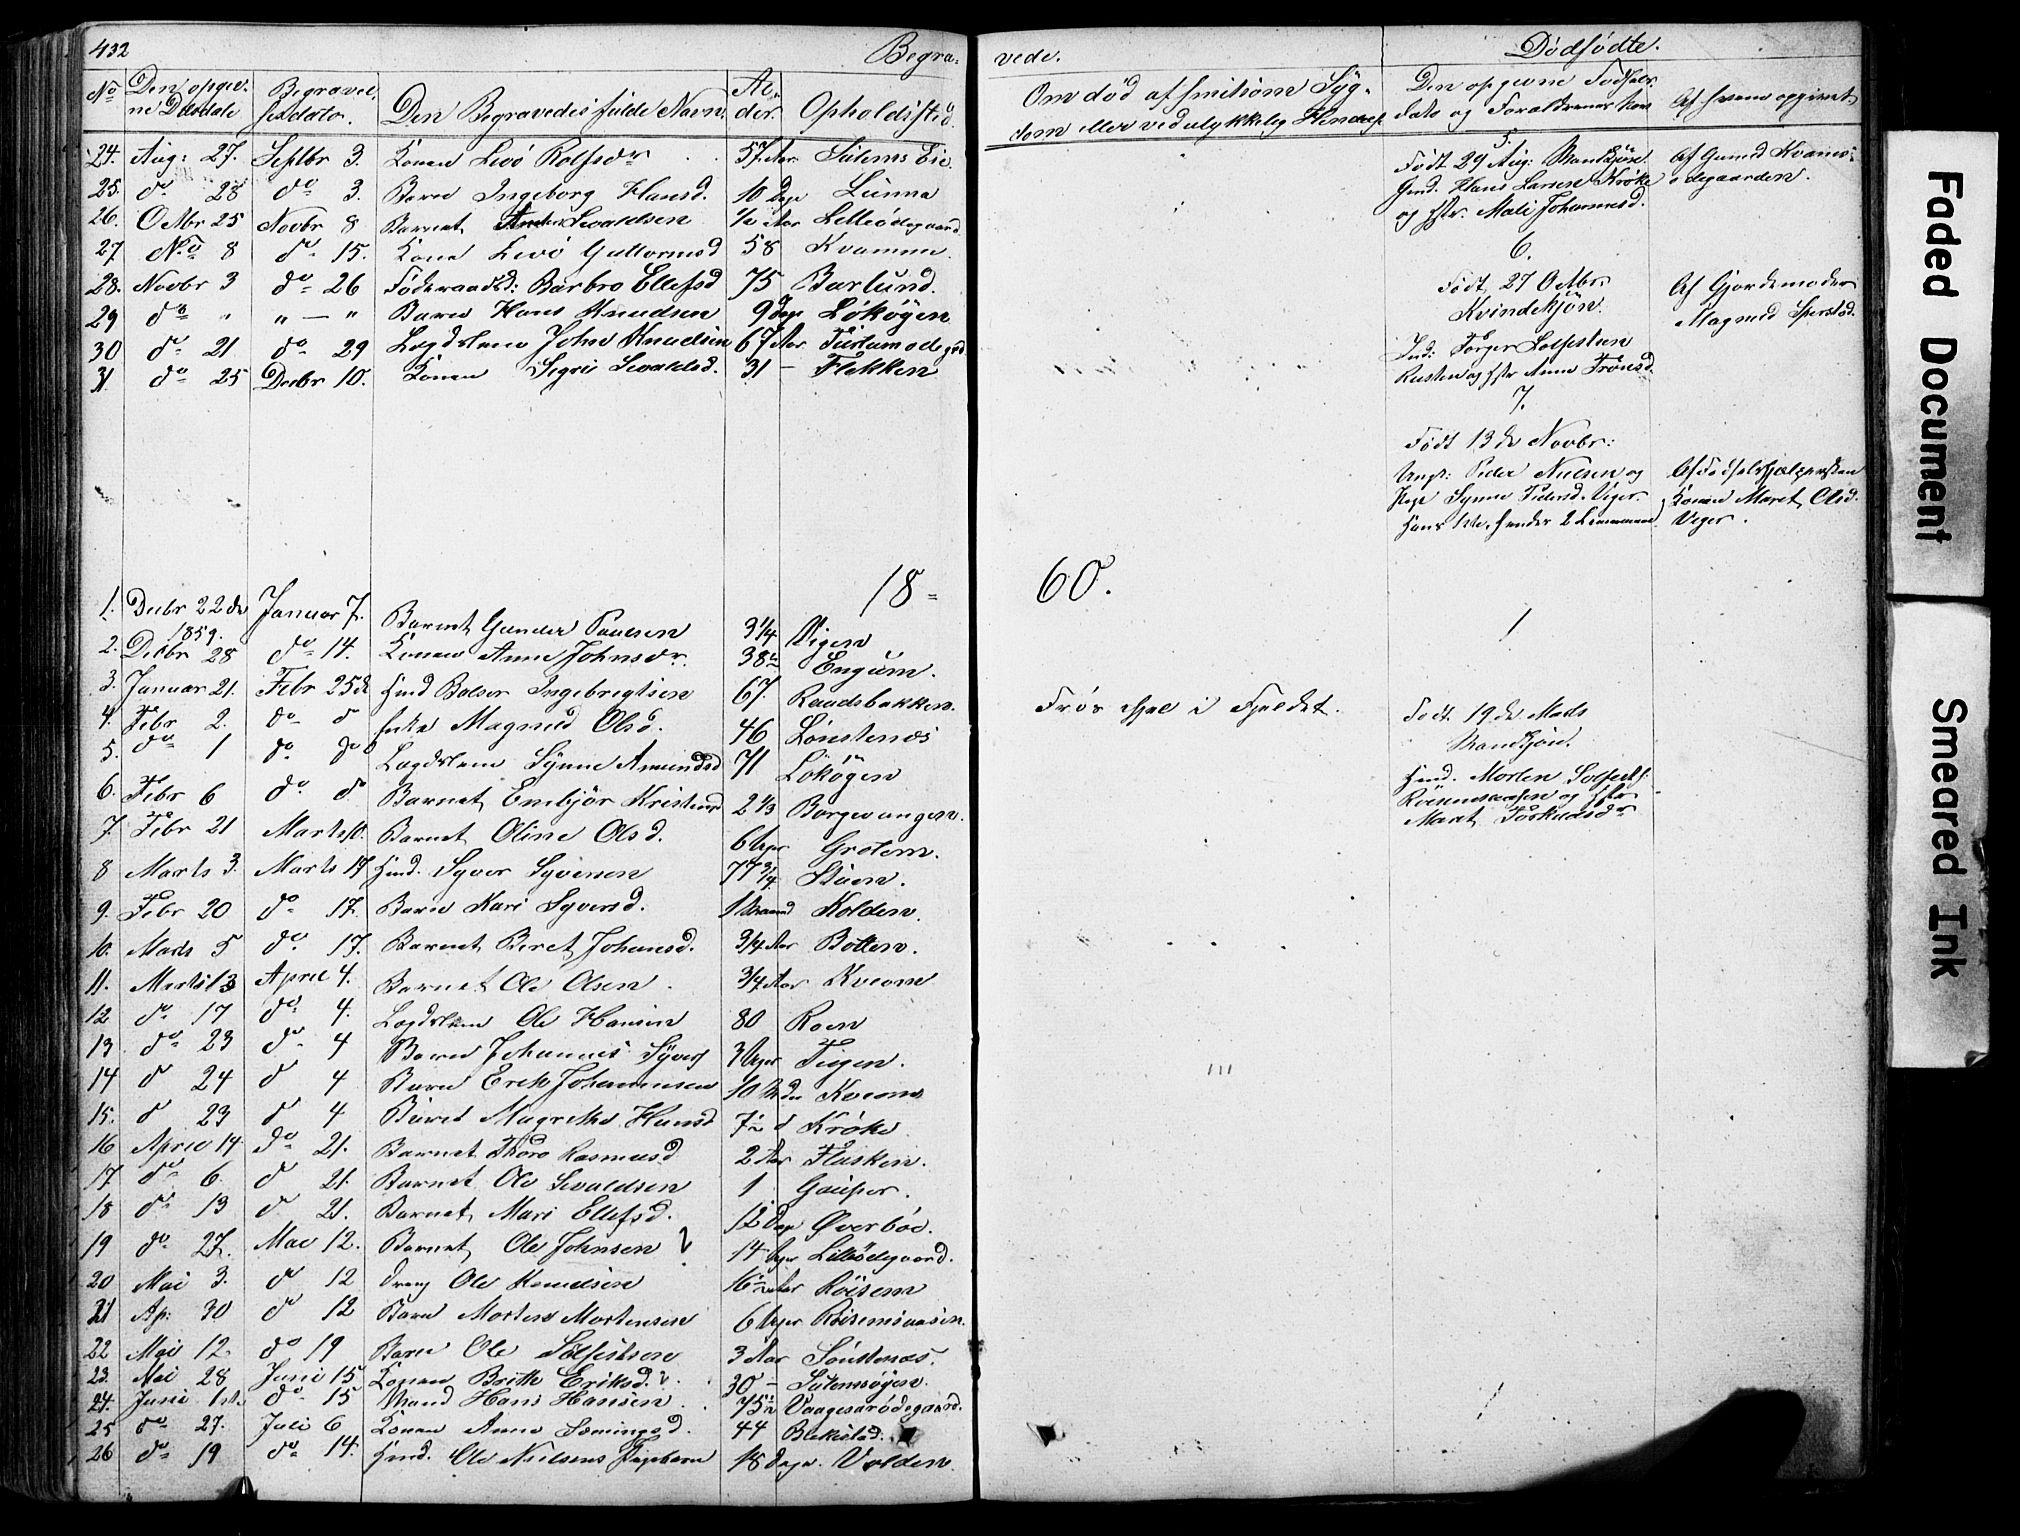 SAH, Lom prestekontor, L/L0012: Klokkerbok nr. 12, 1845-1873, s. 432-433